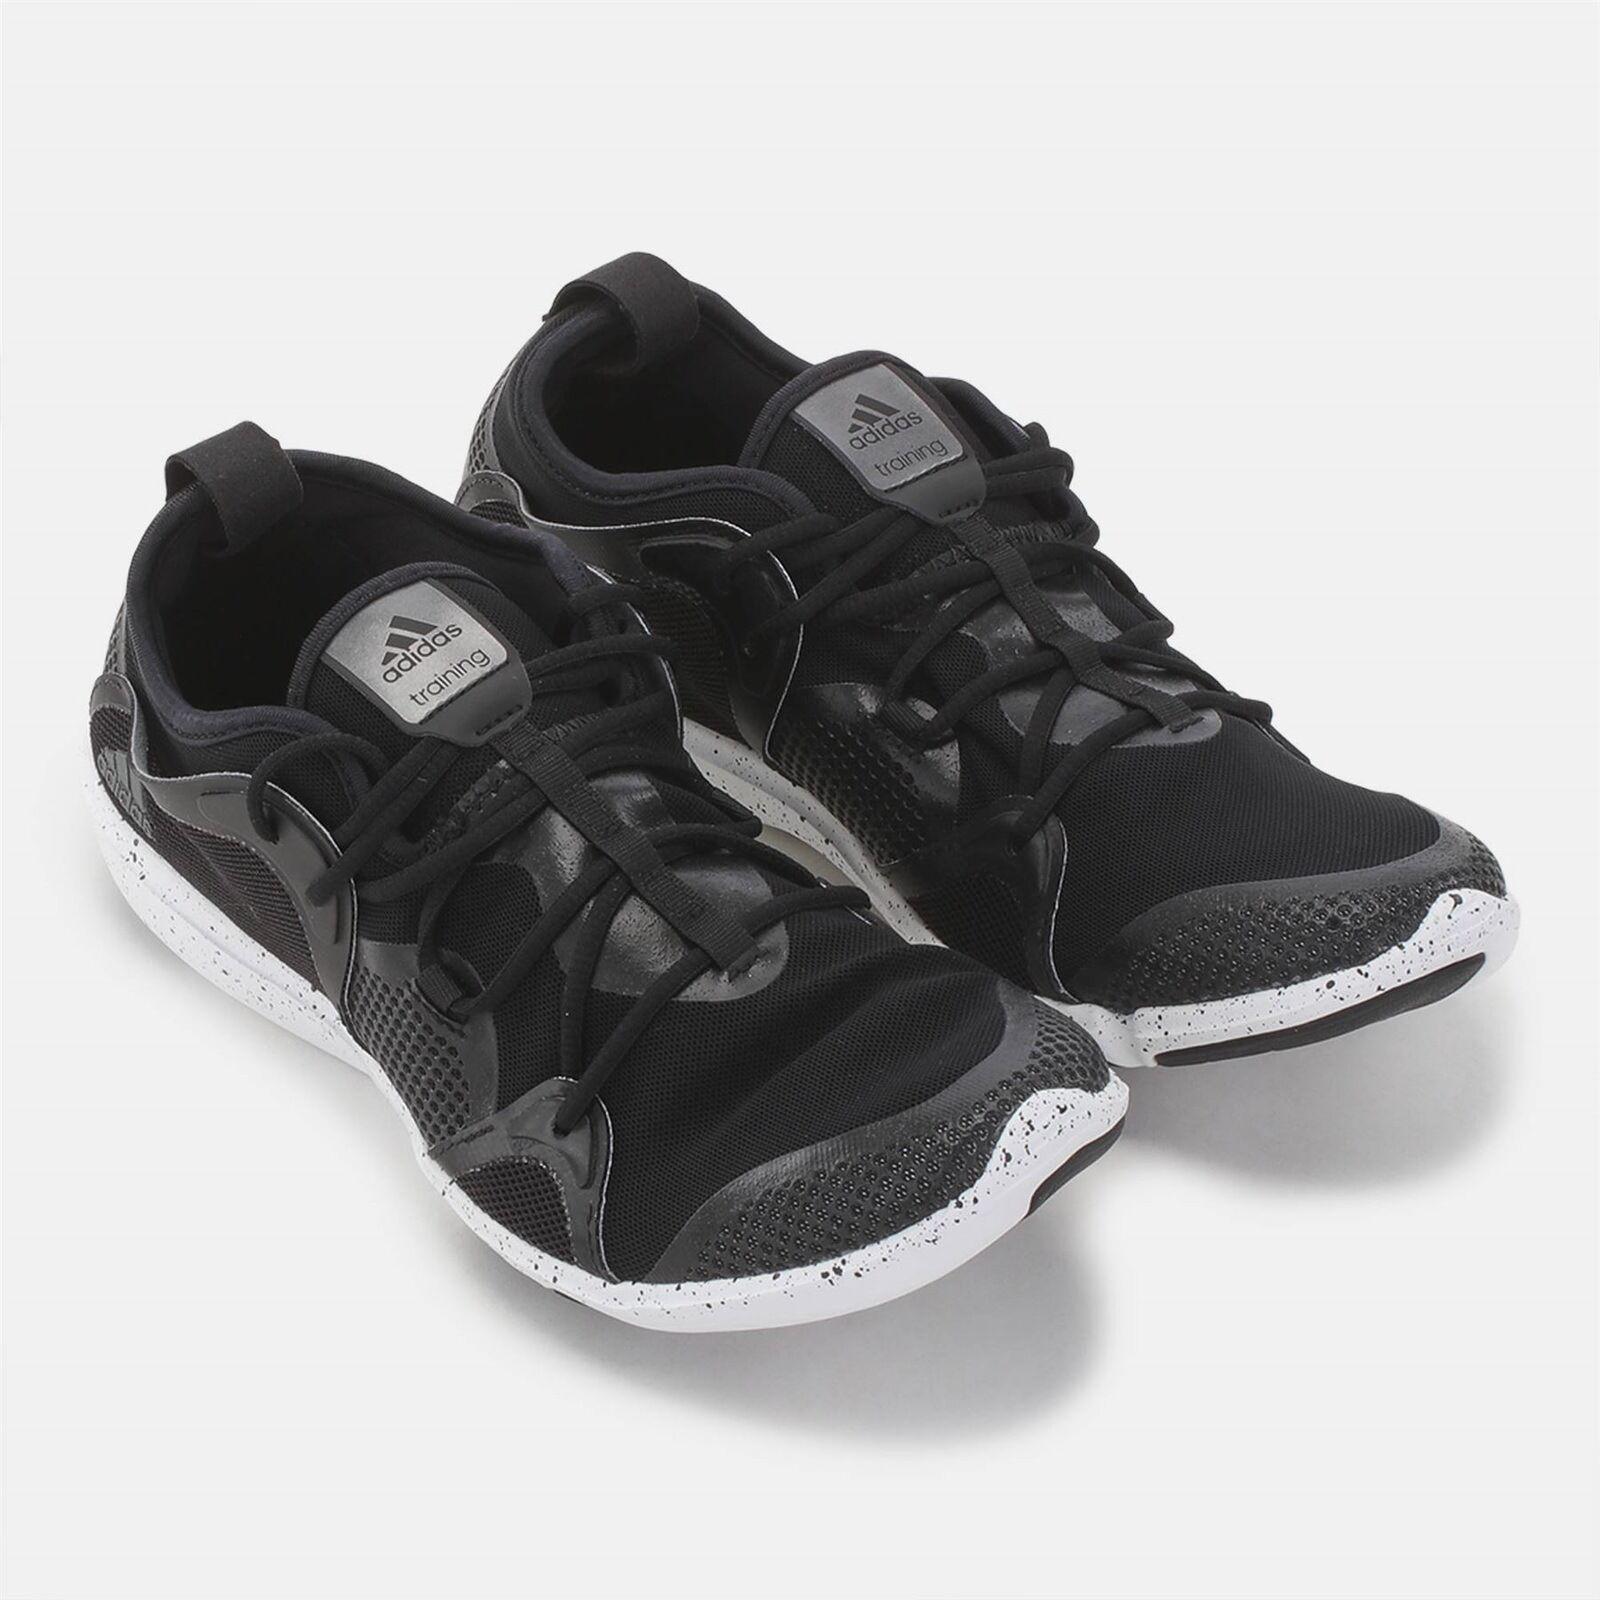 Adidas Adipure 360.4 Zapatillas Para Mujer Negro Zapatos Tenis Entrenamiento Gimnasio Fitness